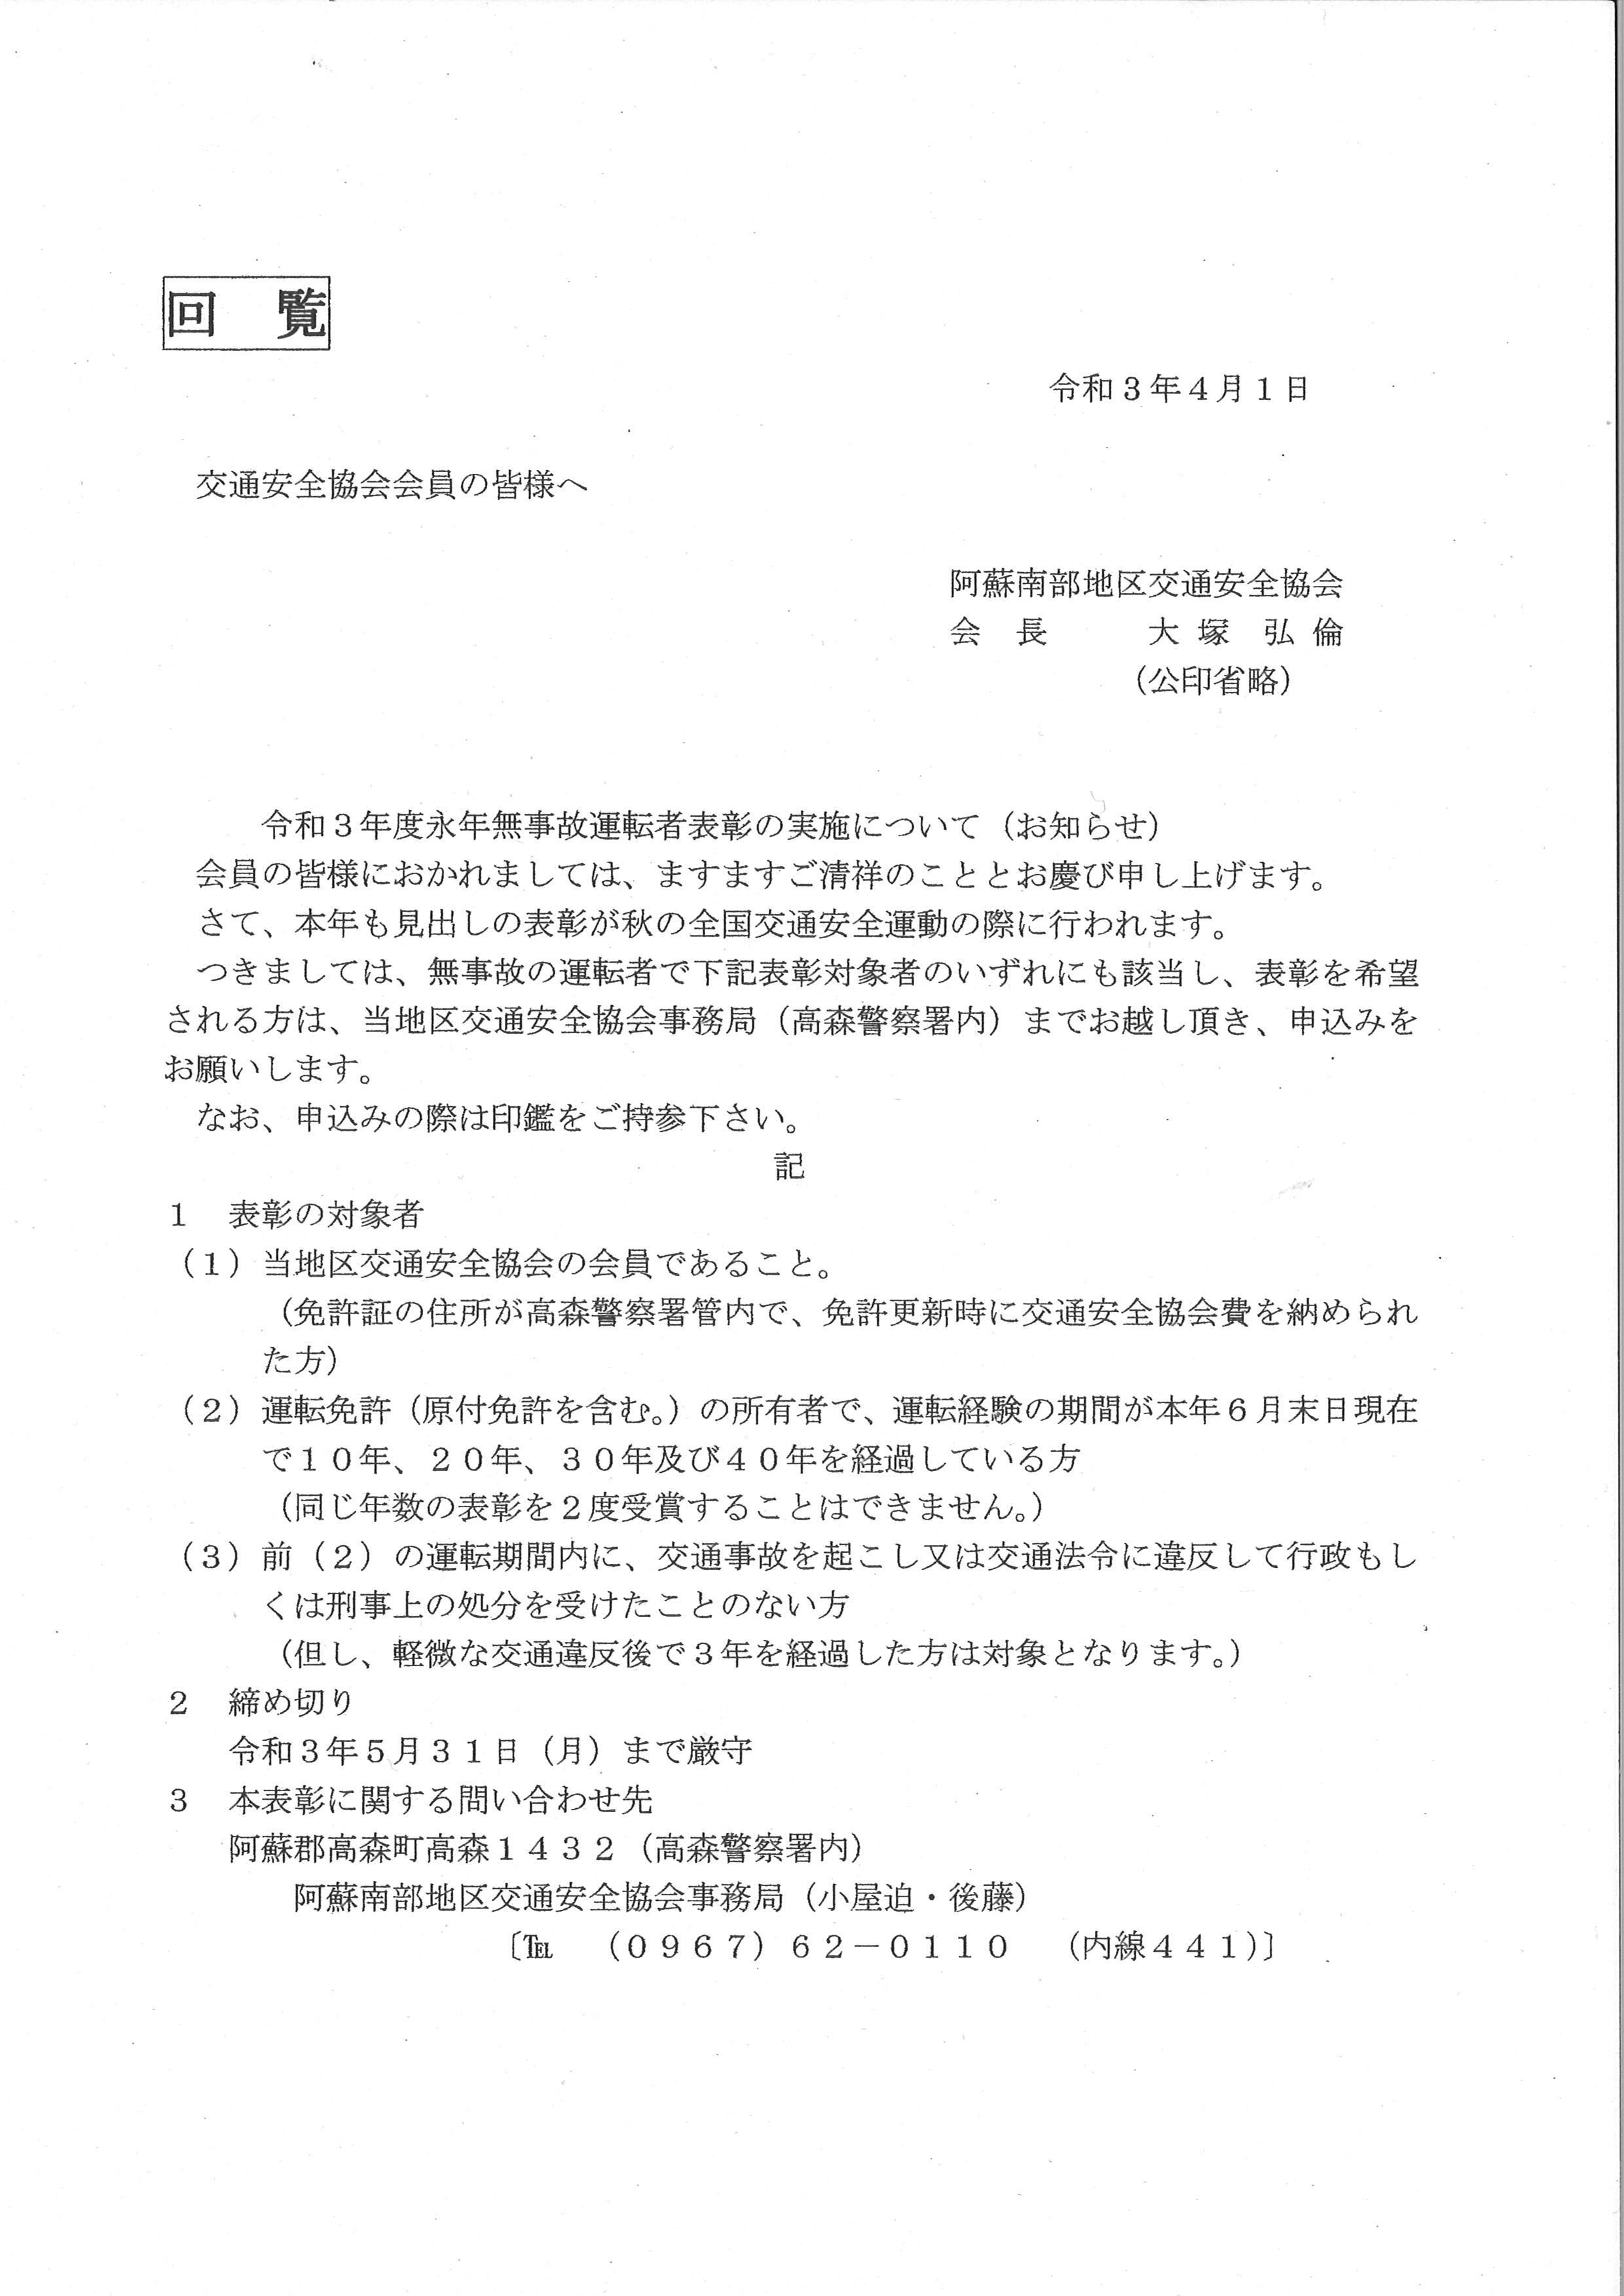 http://www.town.takamori.kumamoto.jp/chosha/somu/upload/2376ed6b479f8a684f578980b1795f9e42bada06.jpg